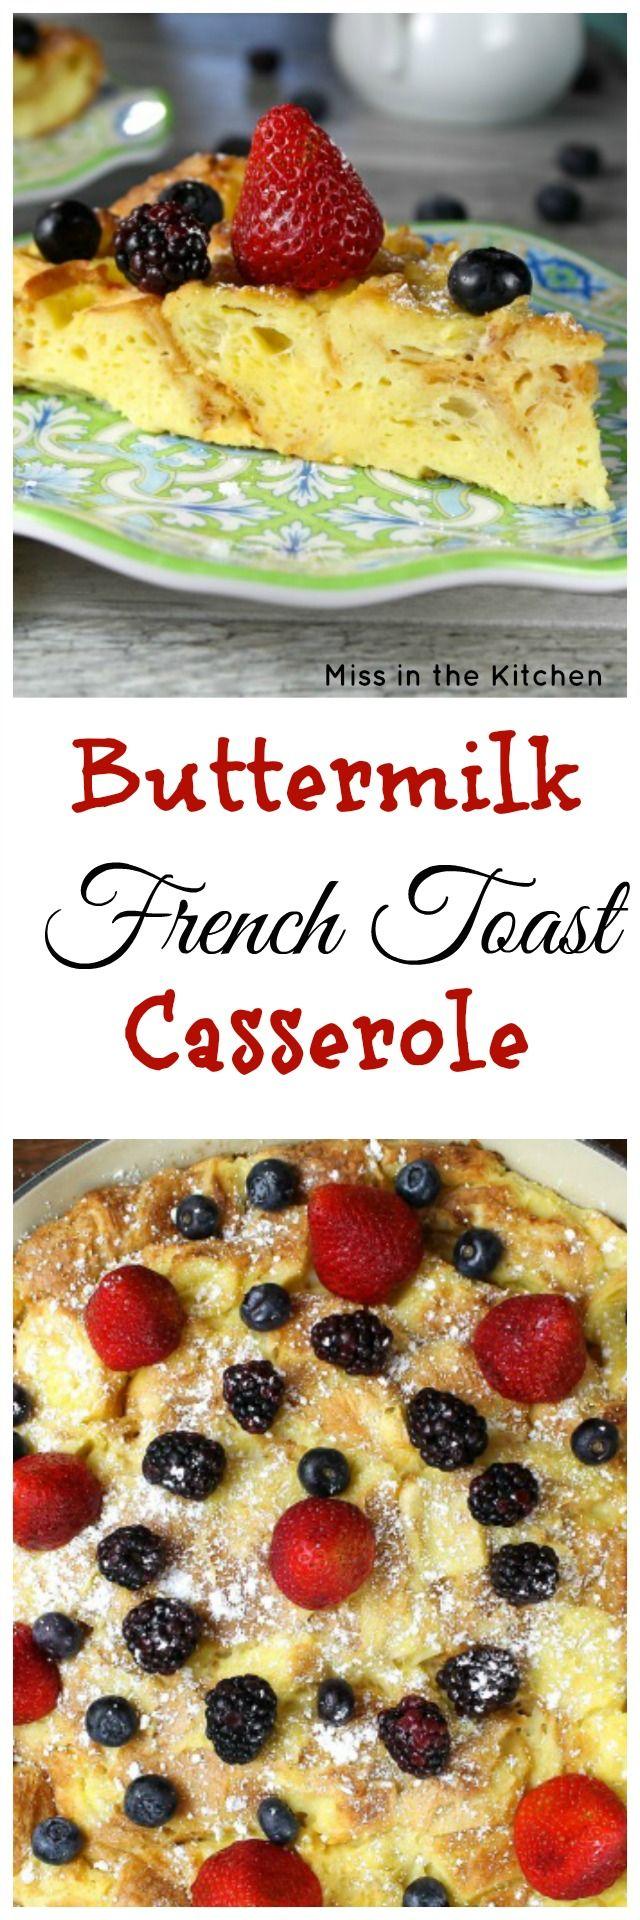 Buttermilk French Toast Casserole Recipe found at MissintheKitchen.com